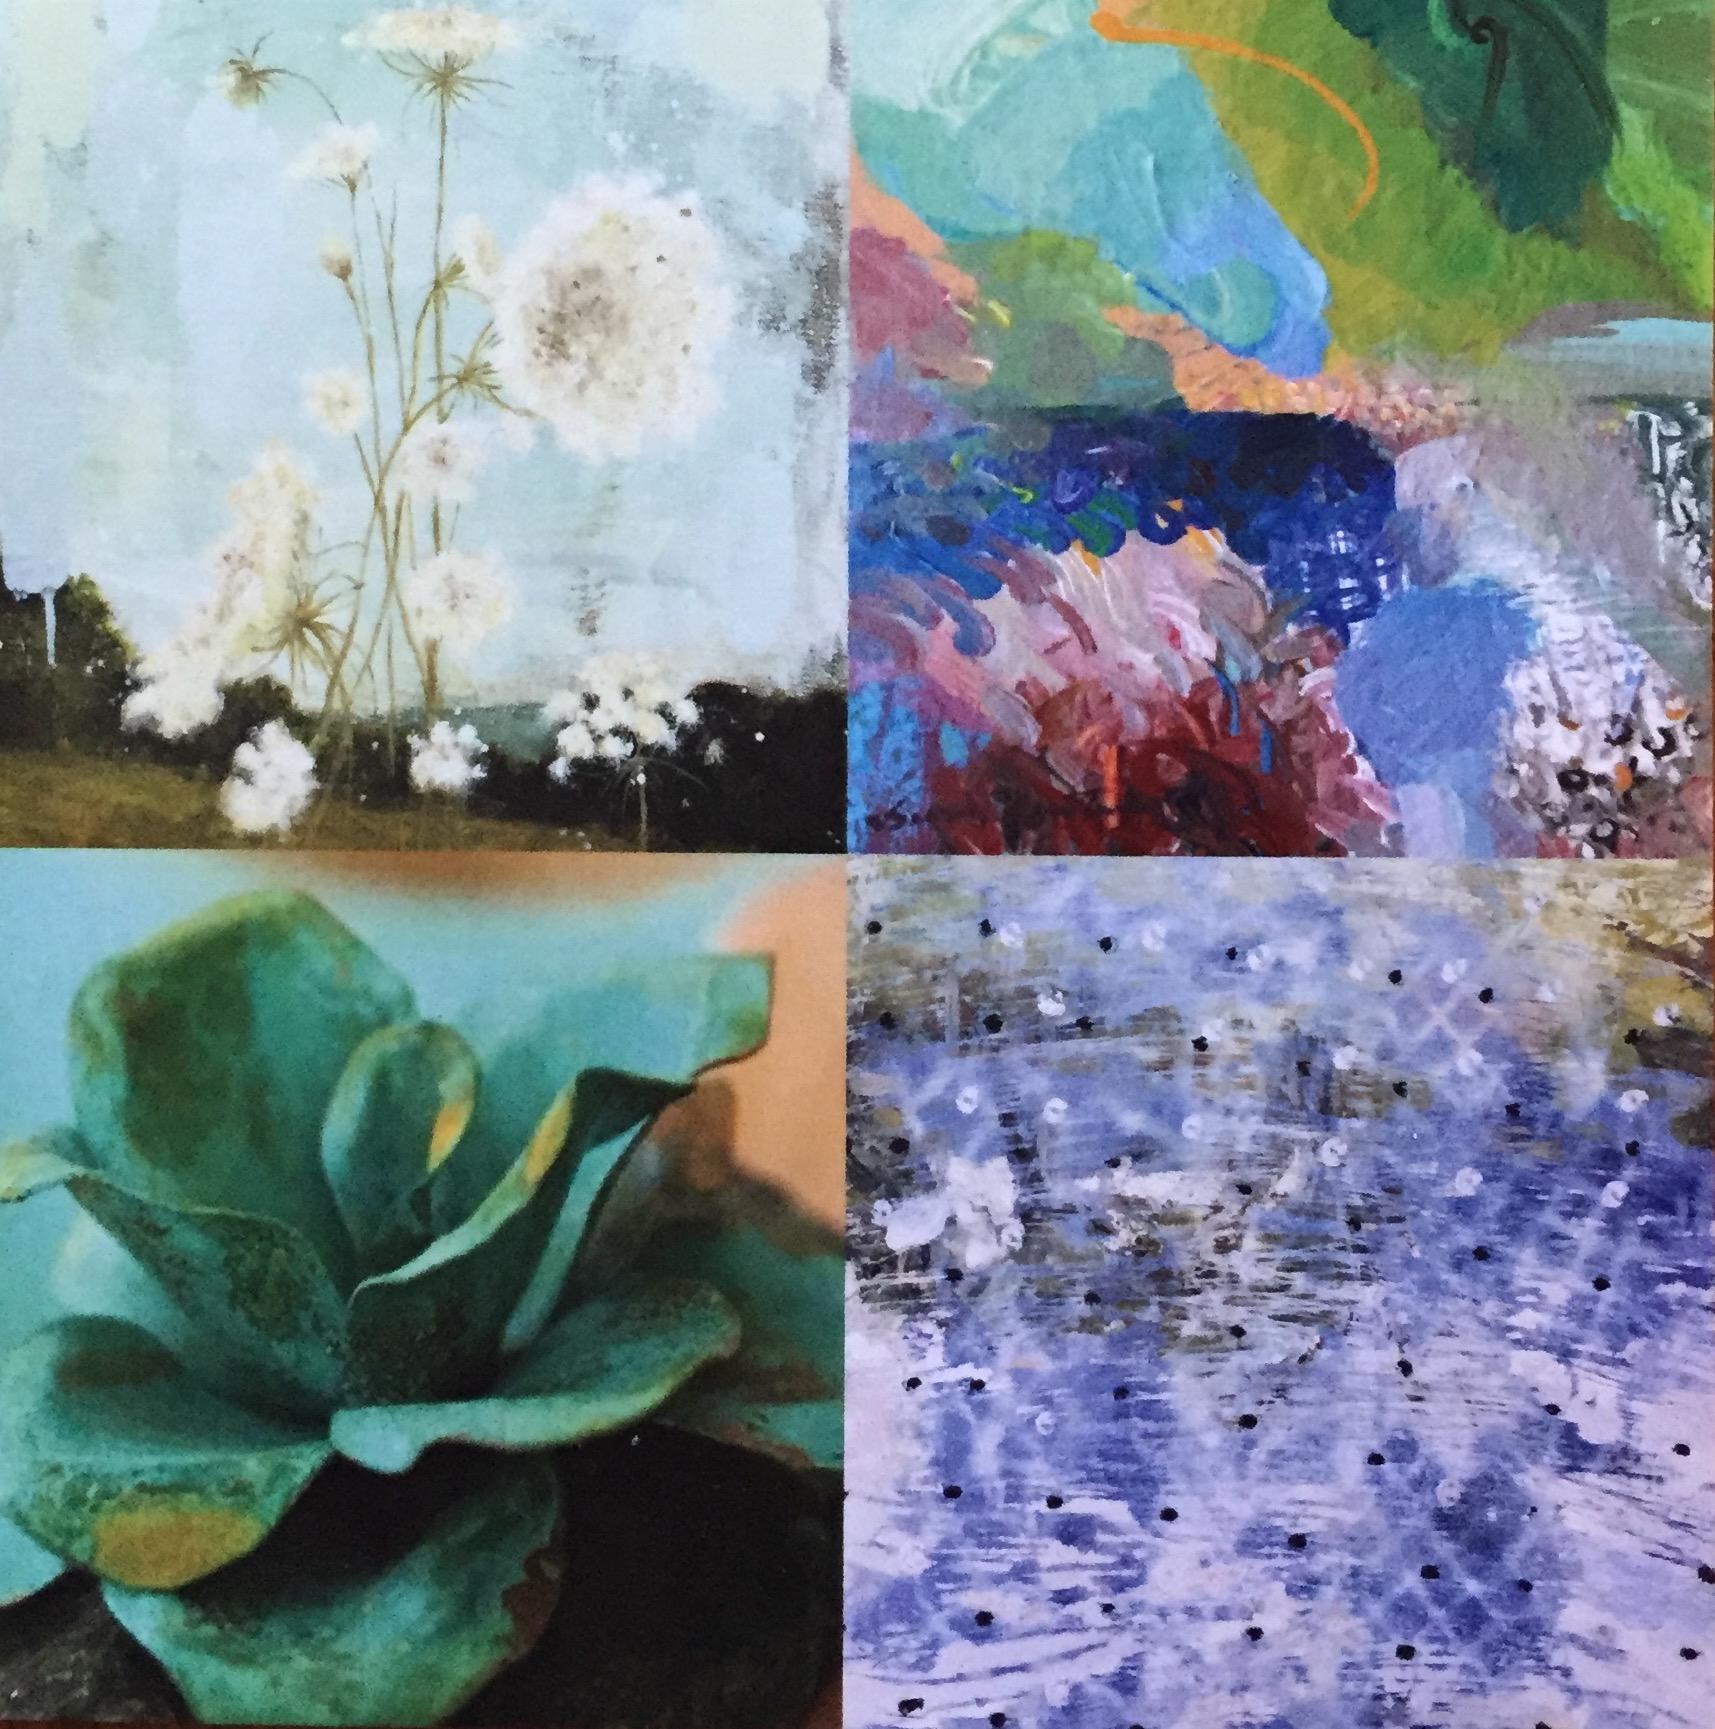 www.gallery121.net